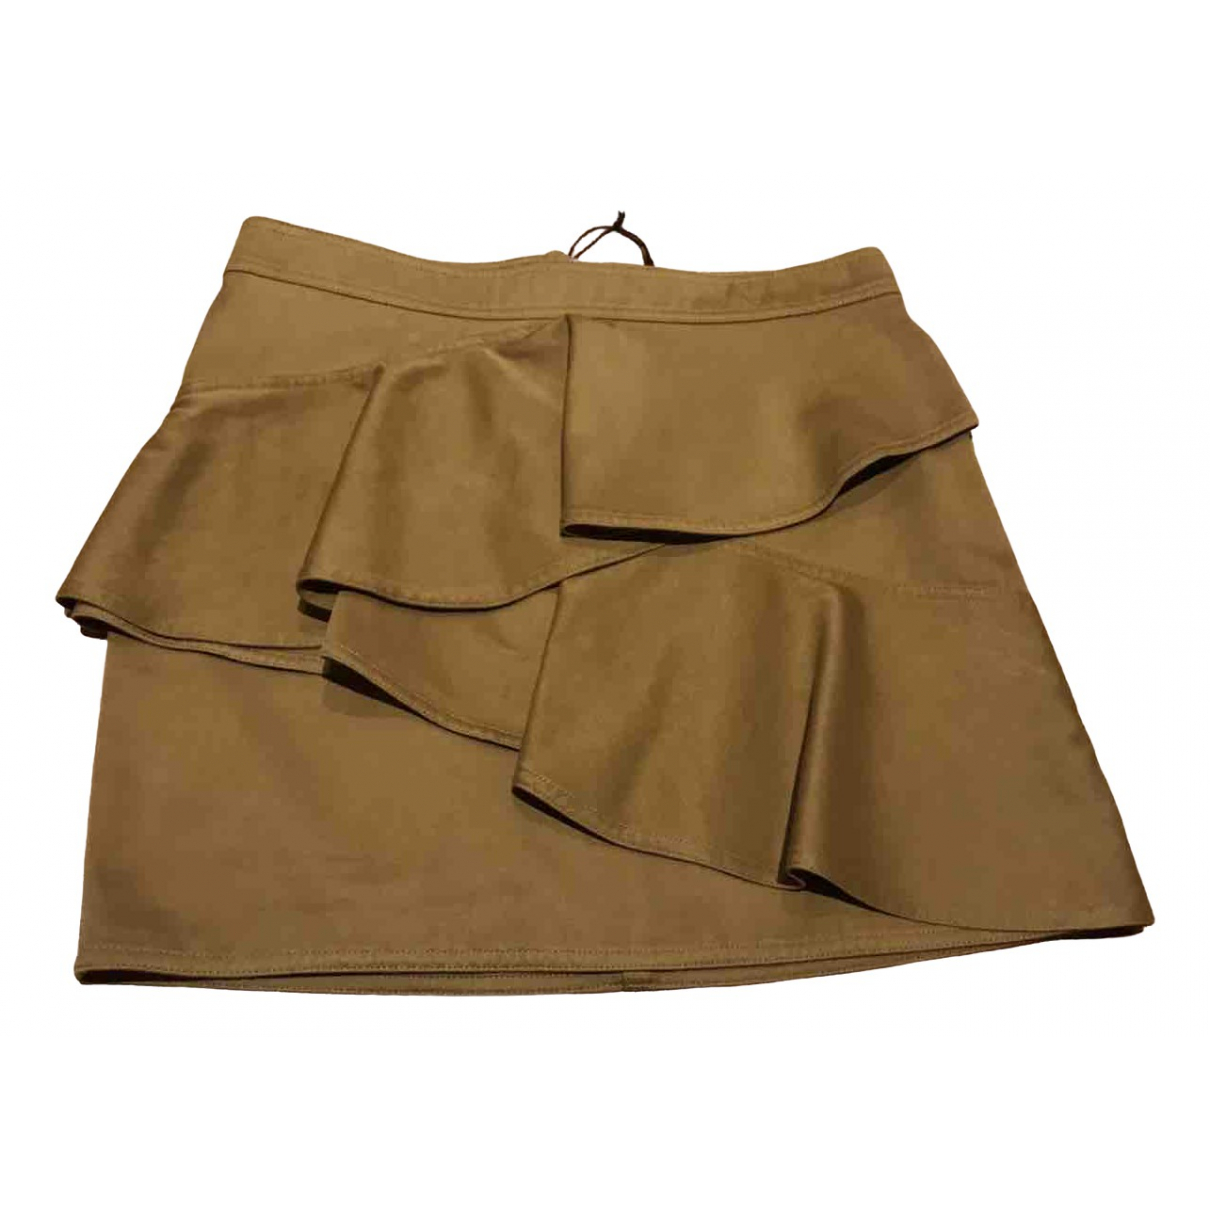 Isabel Marant Etoile \N Camel Cotton skirt for Women 38 FR